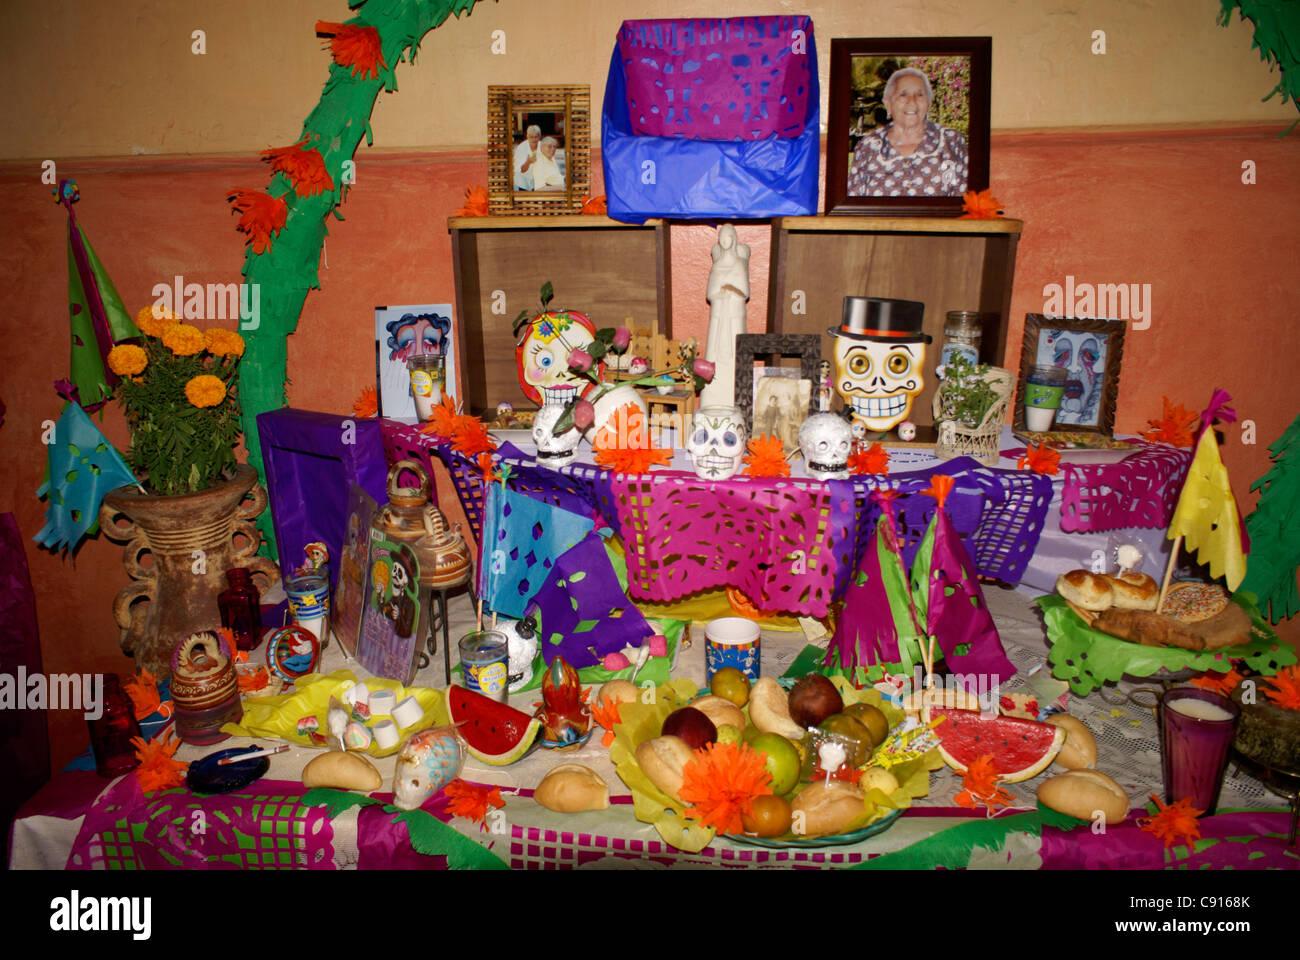 El Dia De Los Muertos Maison Decorations